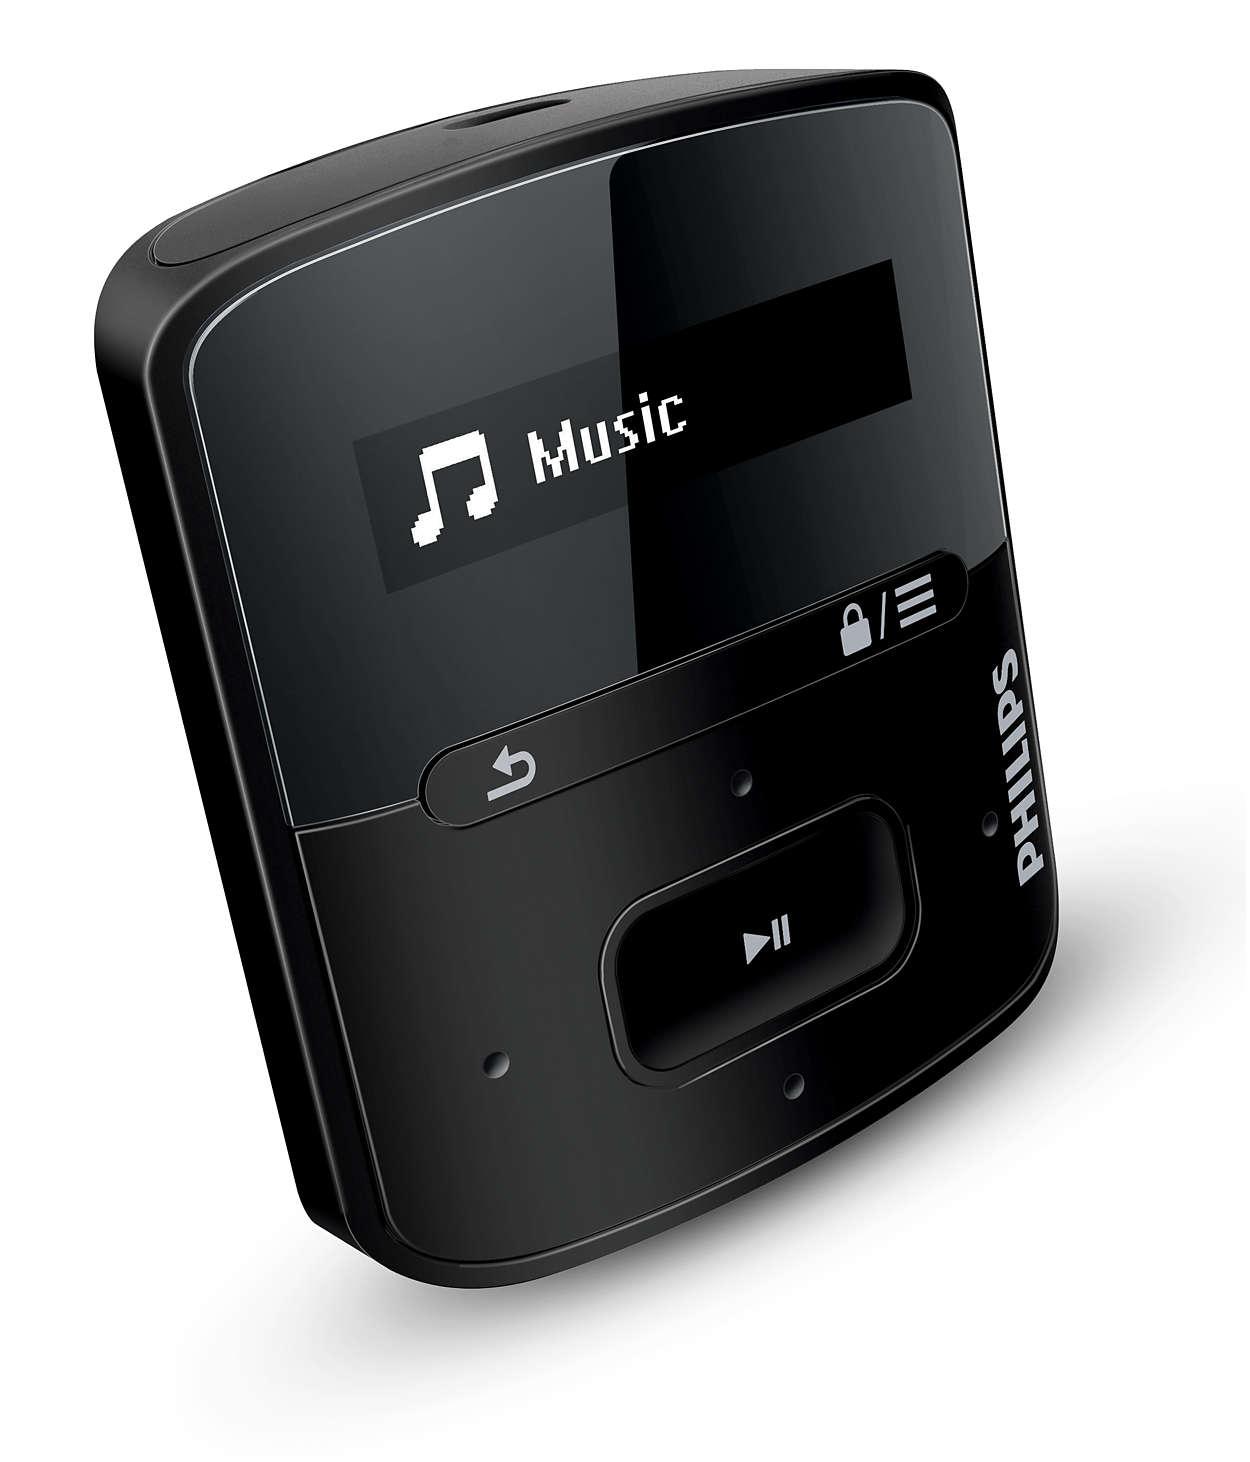 Divirta-se com a portabilidade e um som de alta qualidade